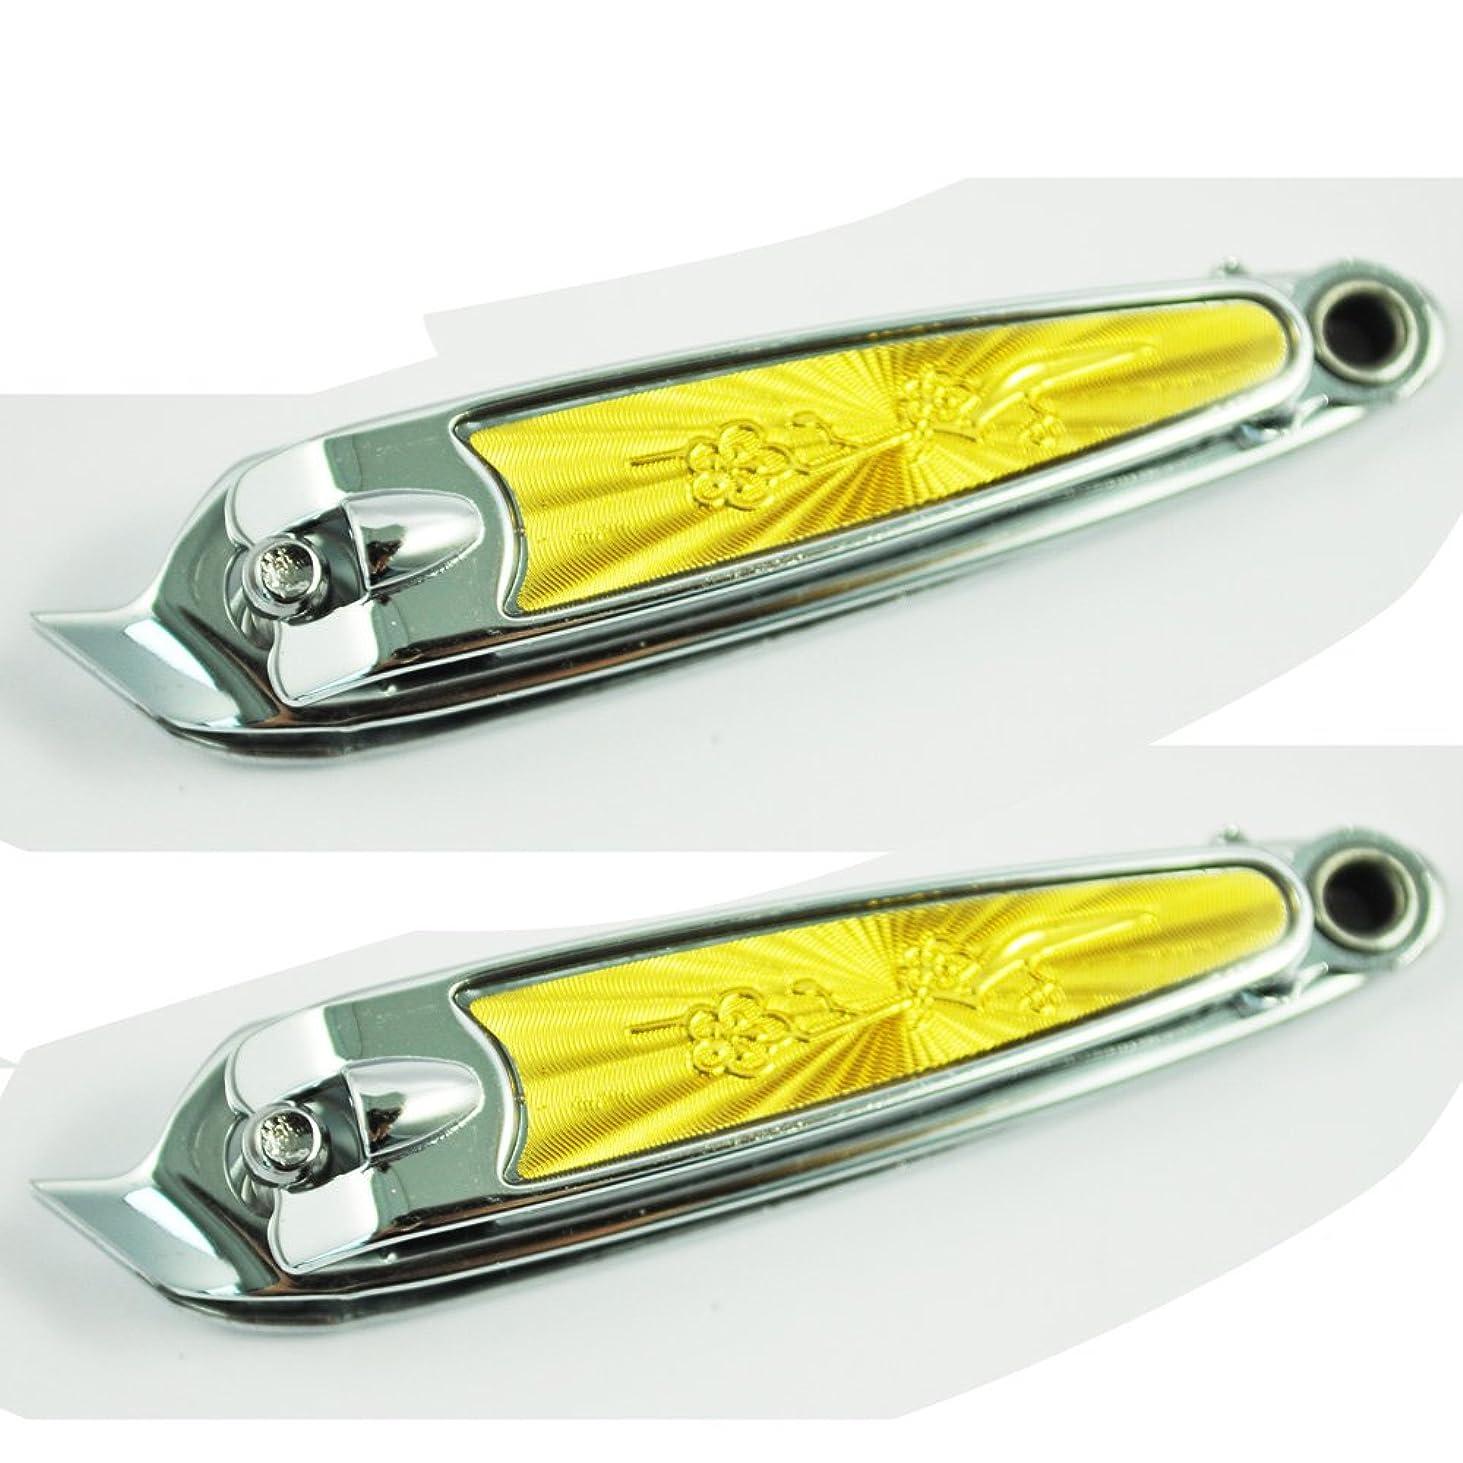 ツメ切り,SODIAL(R) 斜め口デザインフィンガーネイルクリッパーカッターx2